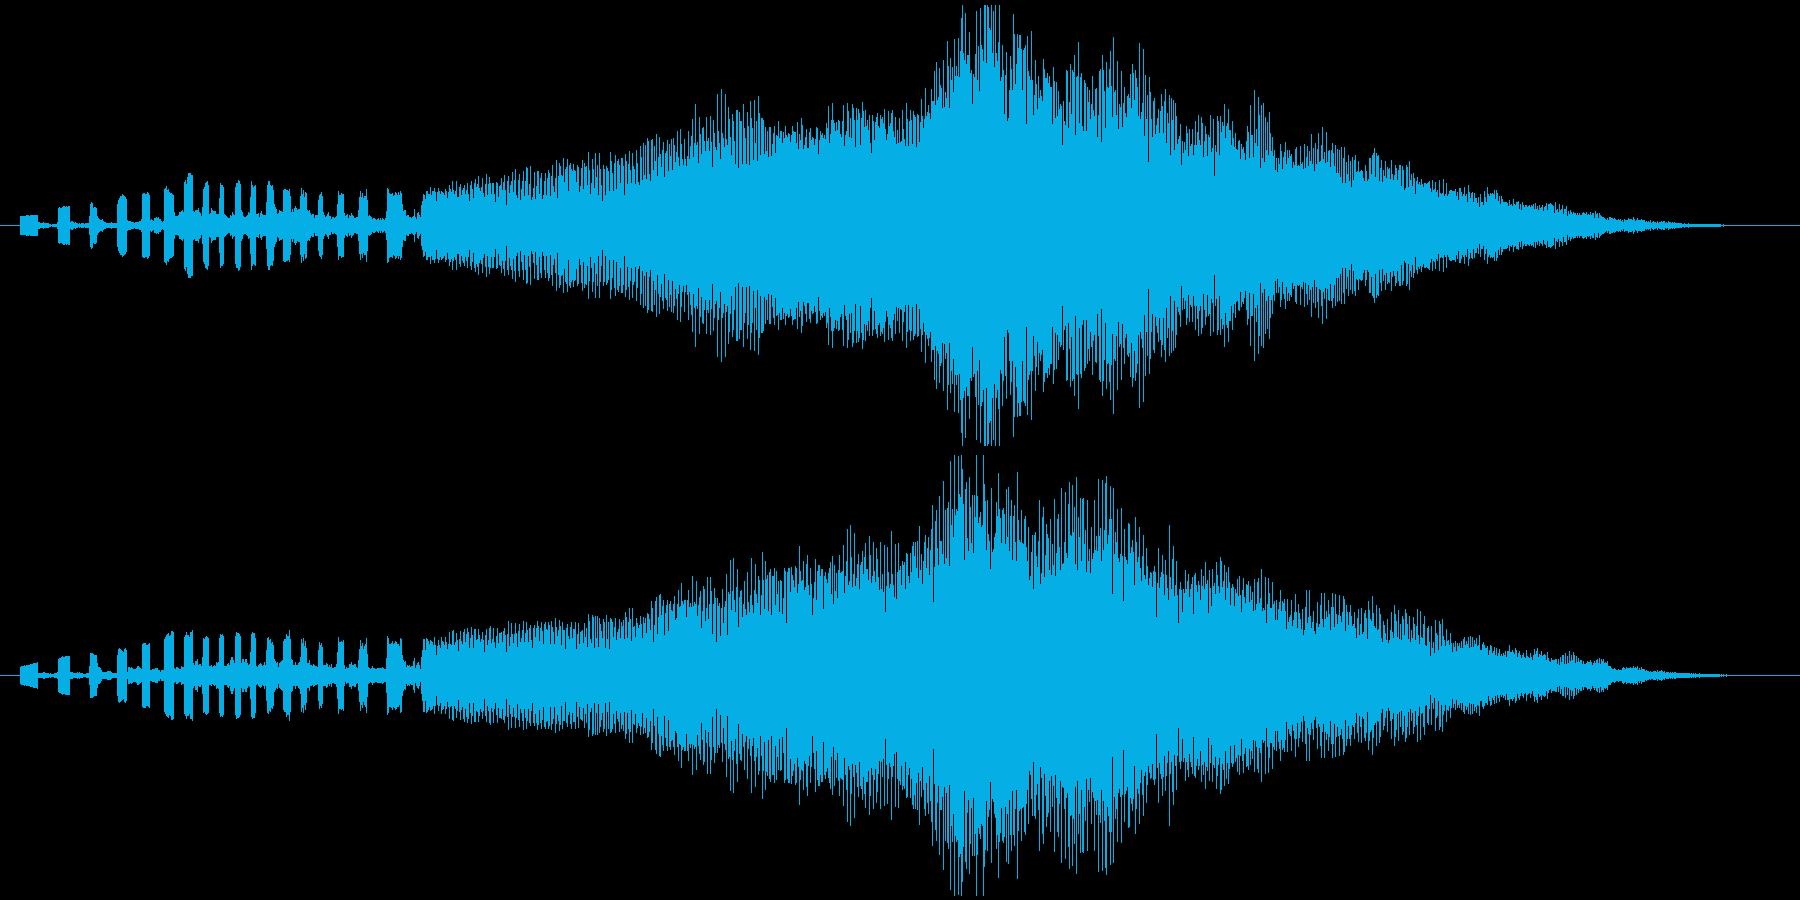 企業向けサウンドロゴ~シンセと管弦楽器~の再生済みの波形